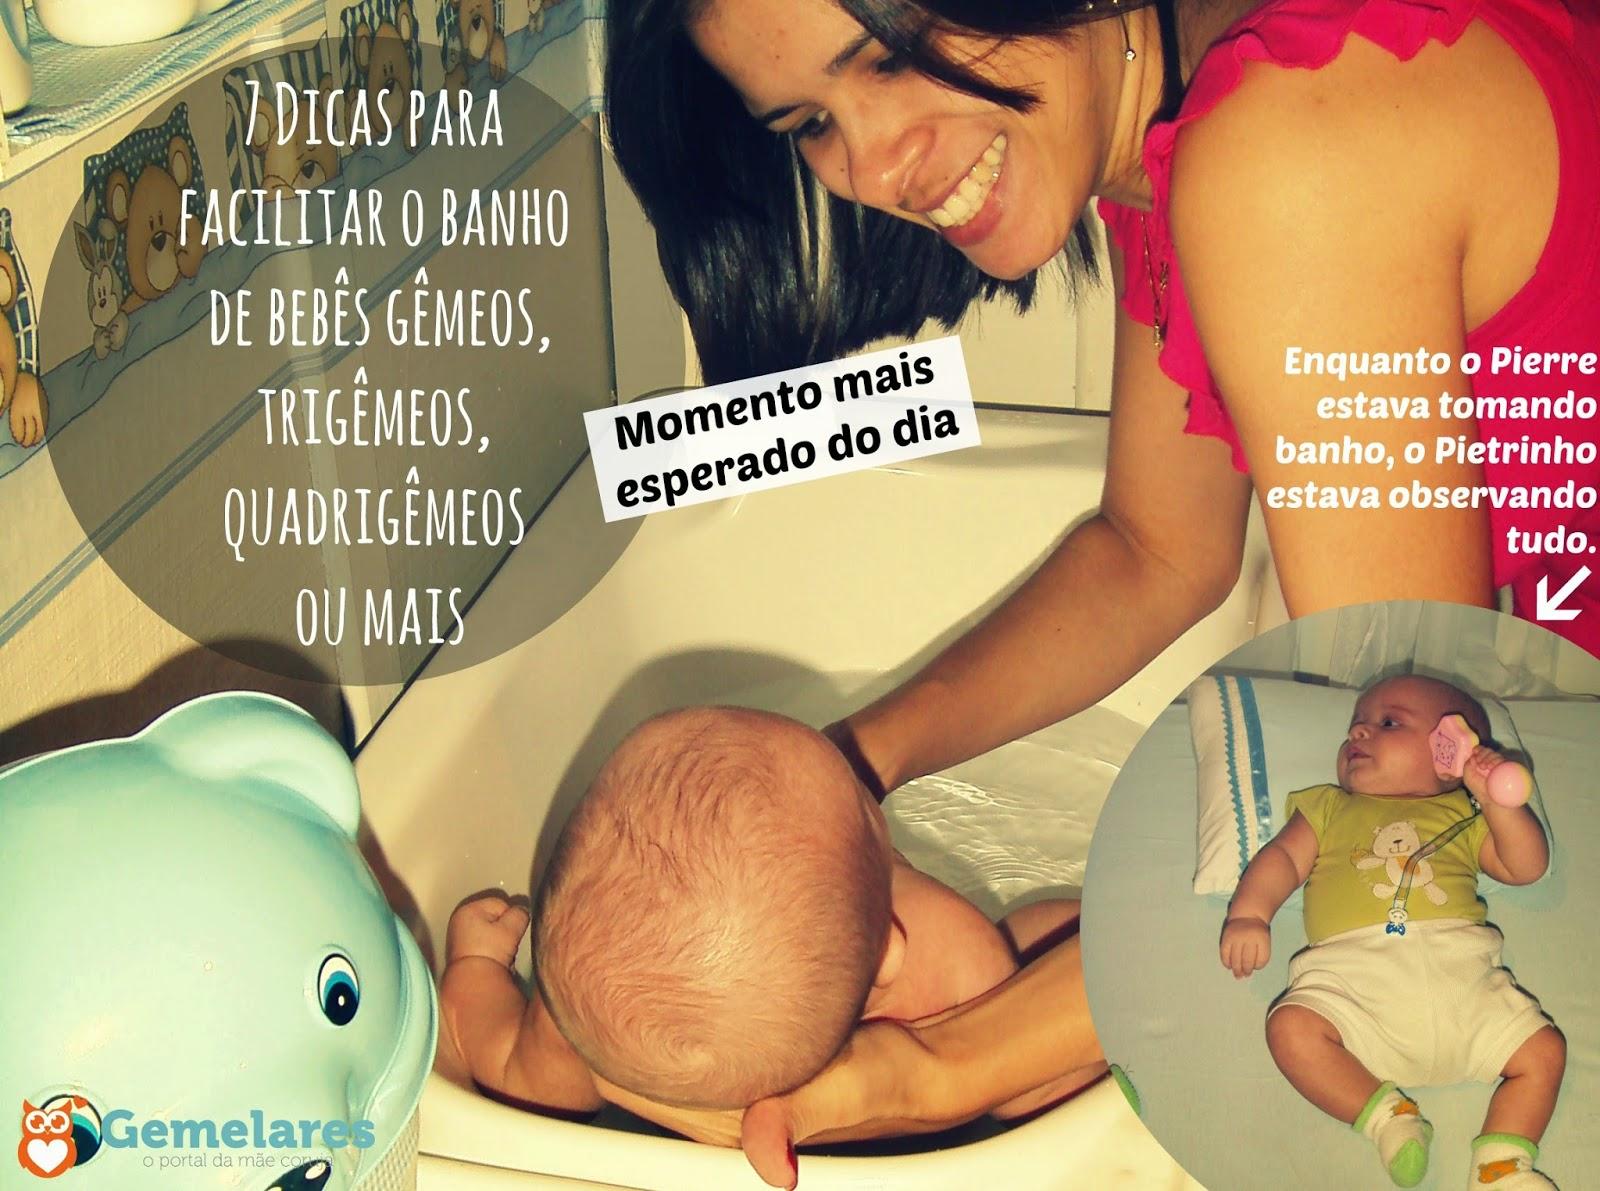 7 Dicas para facilitar o banho de bebês gêmeos, trigêmeos, quadrigêmeos ou mais